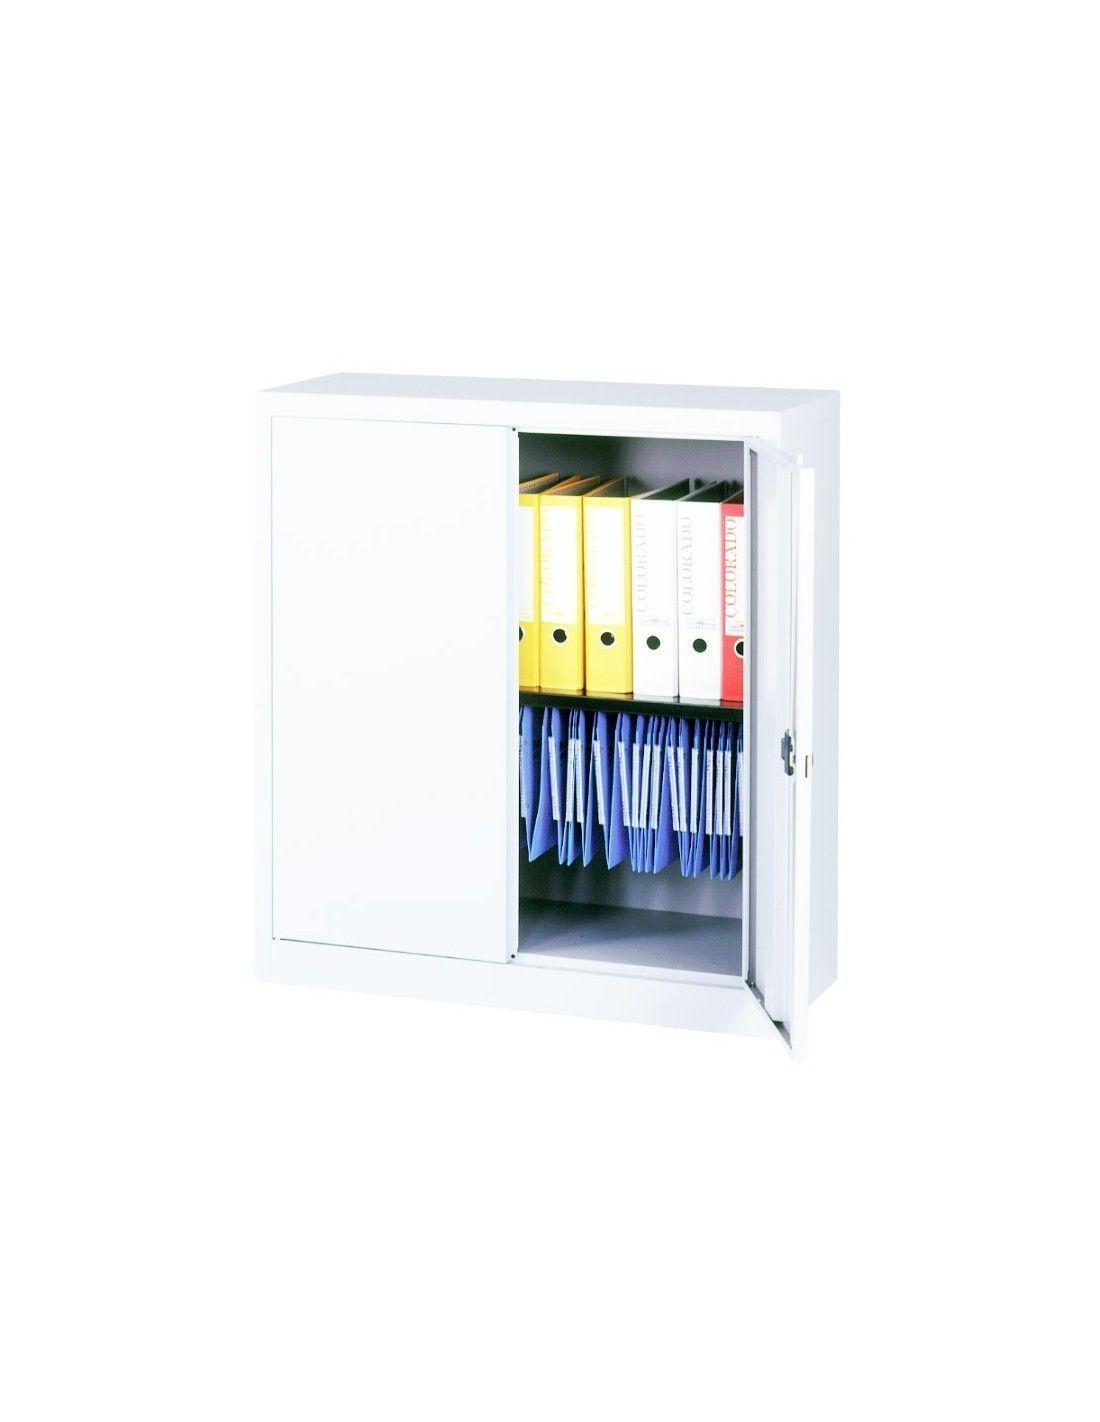 Armario de puertas abatibles con 1 estante la oficina online - Armarios con puertas abatibles ...